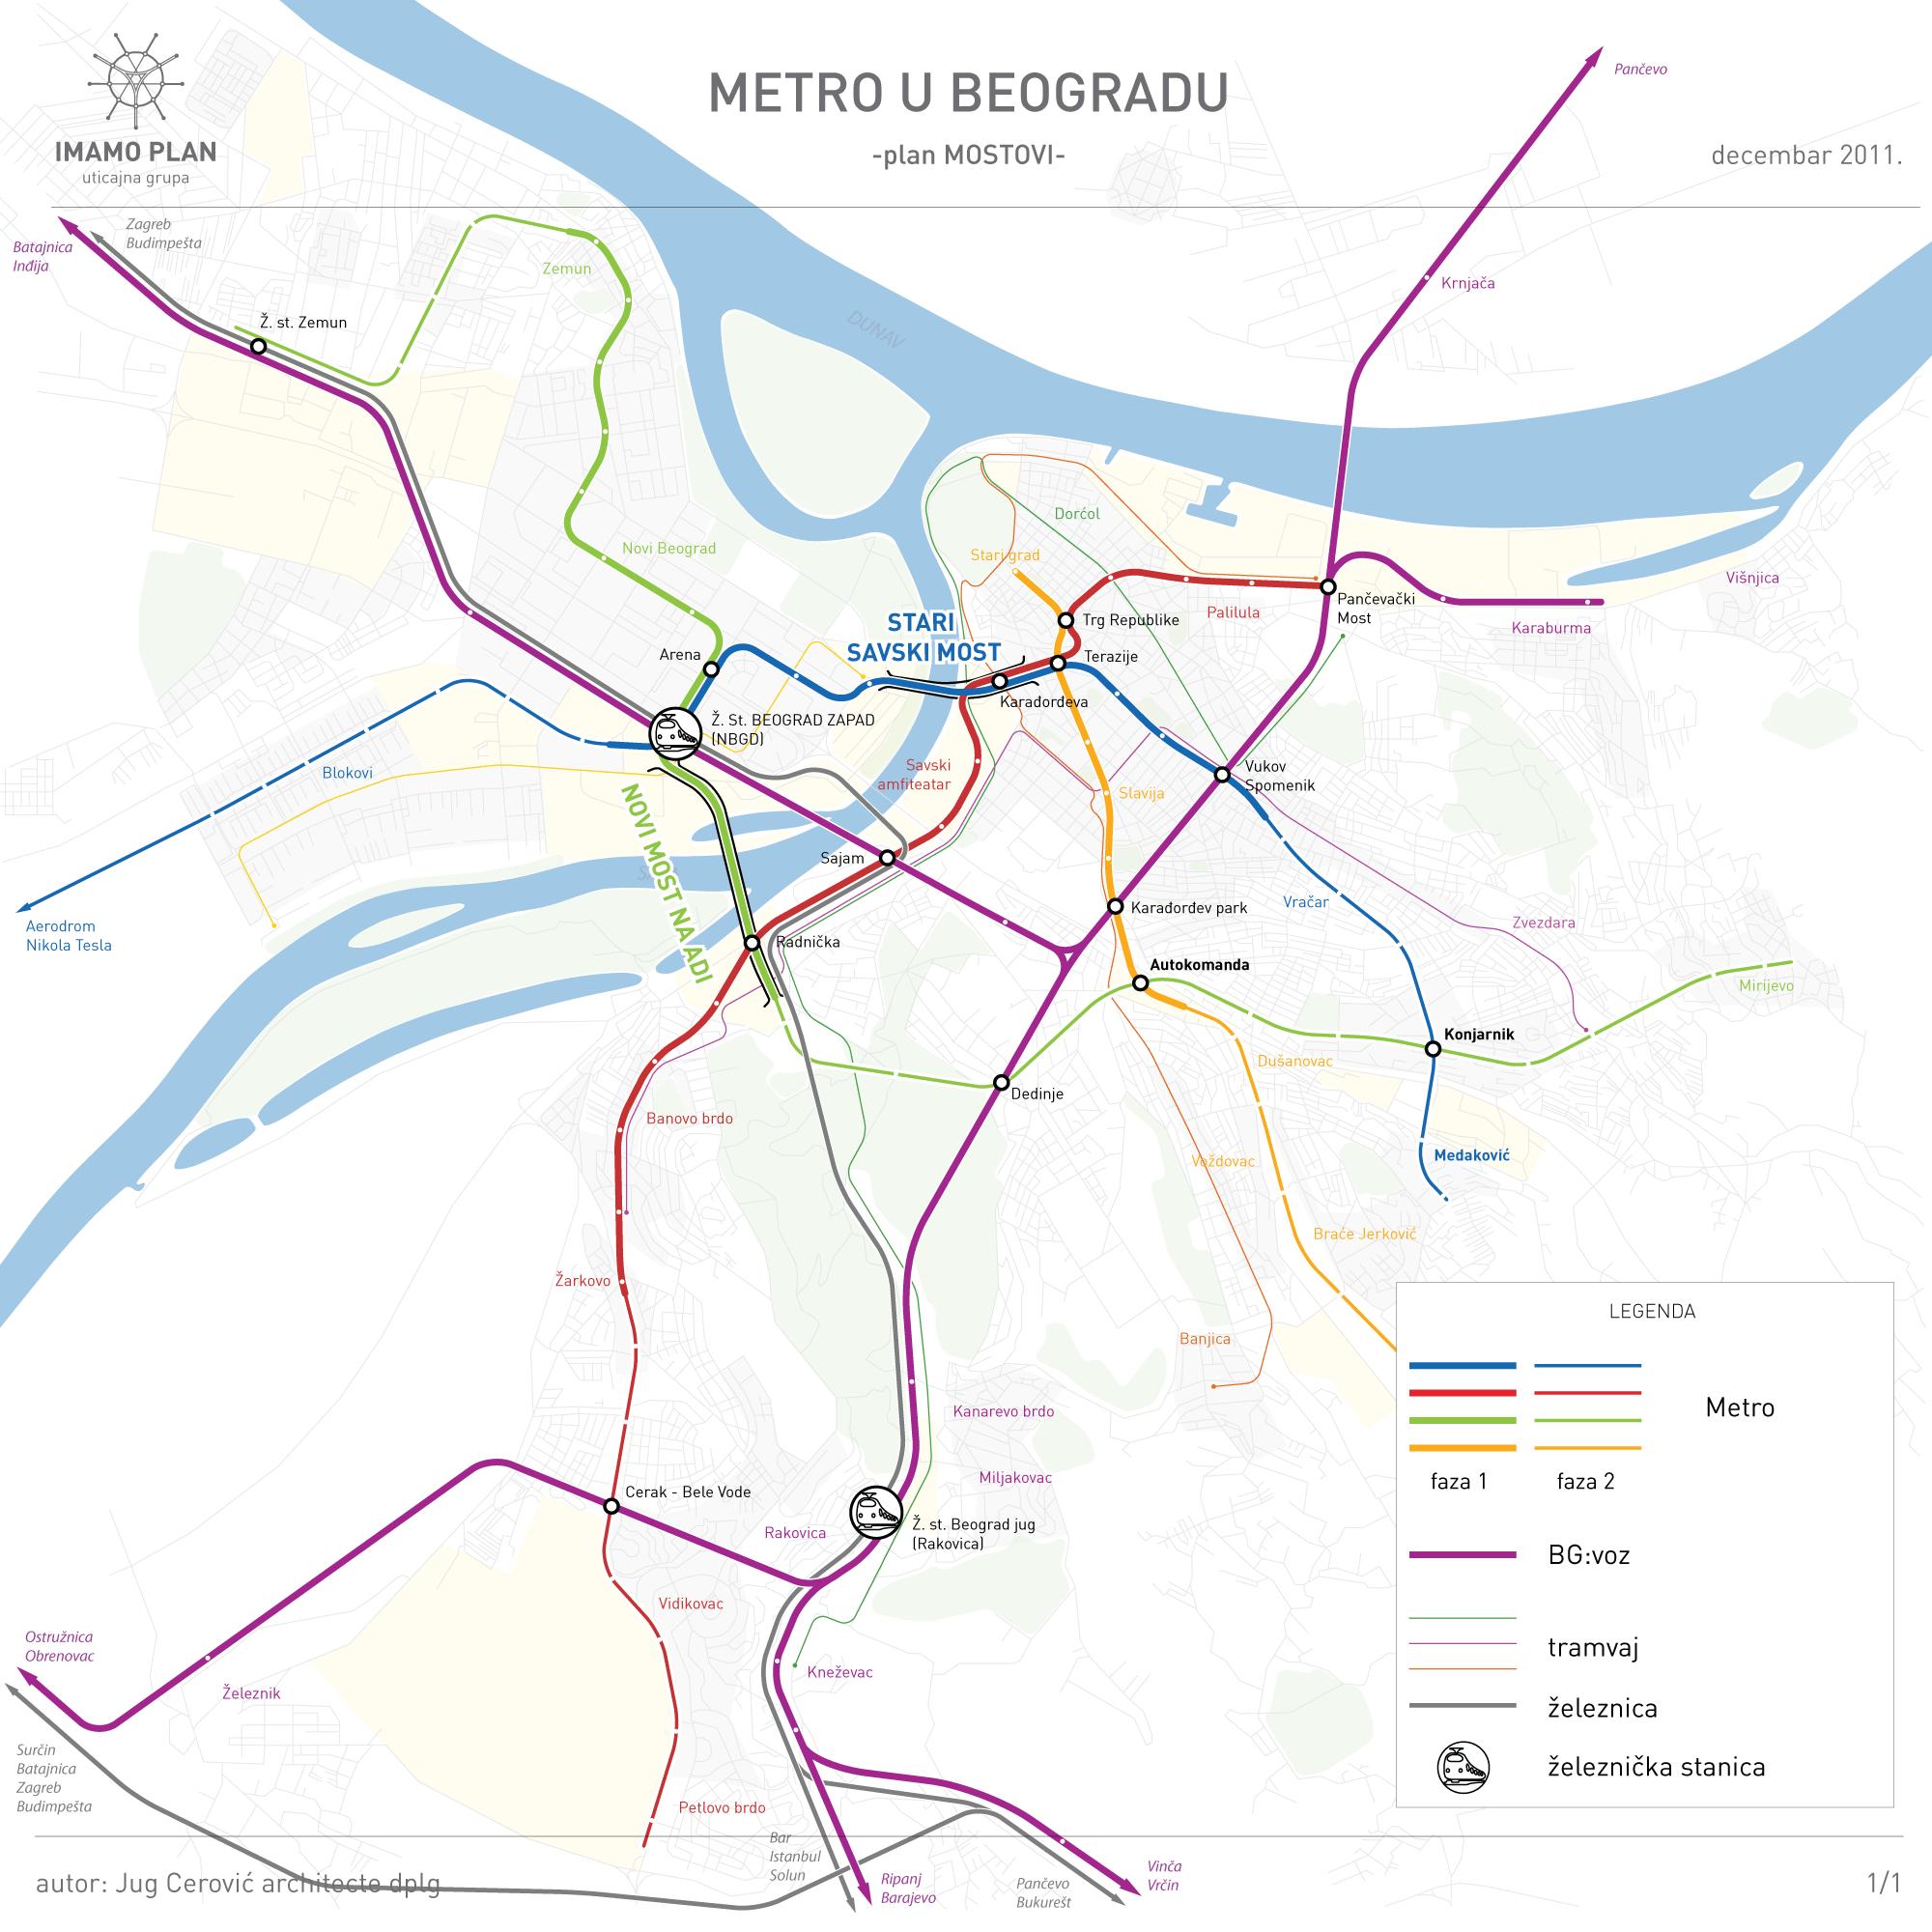 63_bgd-metro-plan-mostovi.png